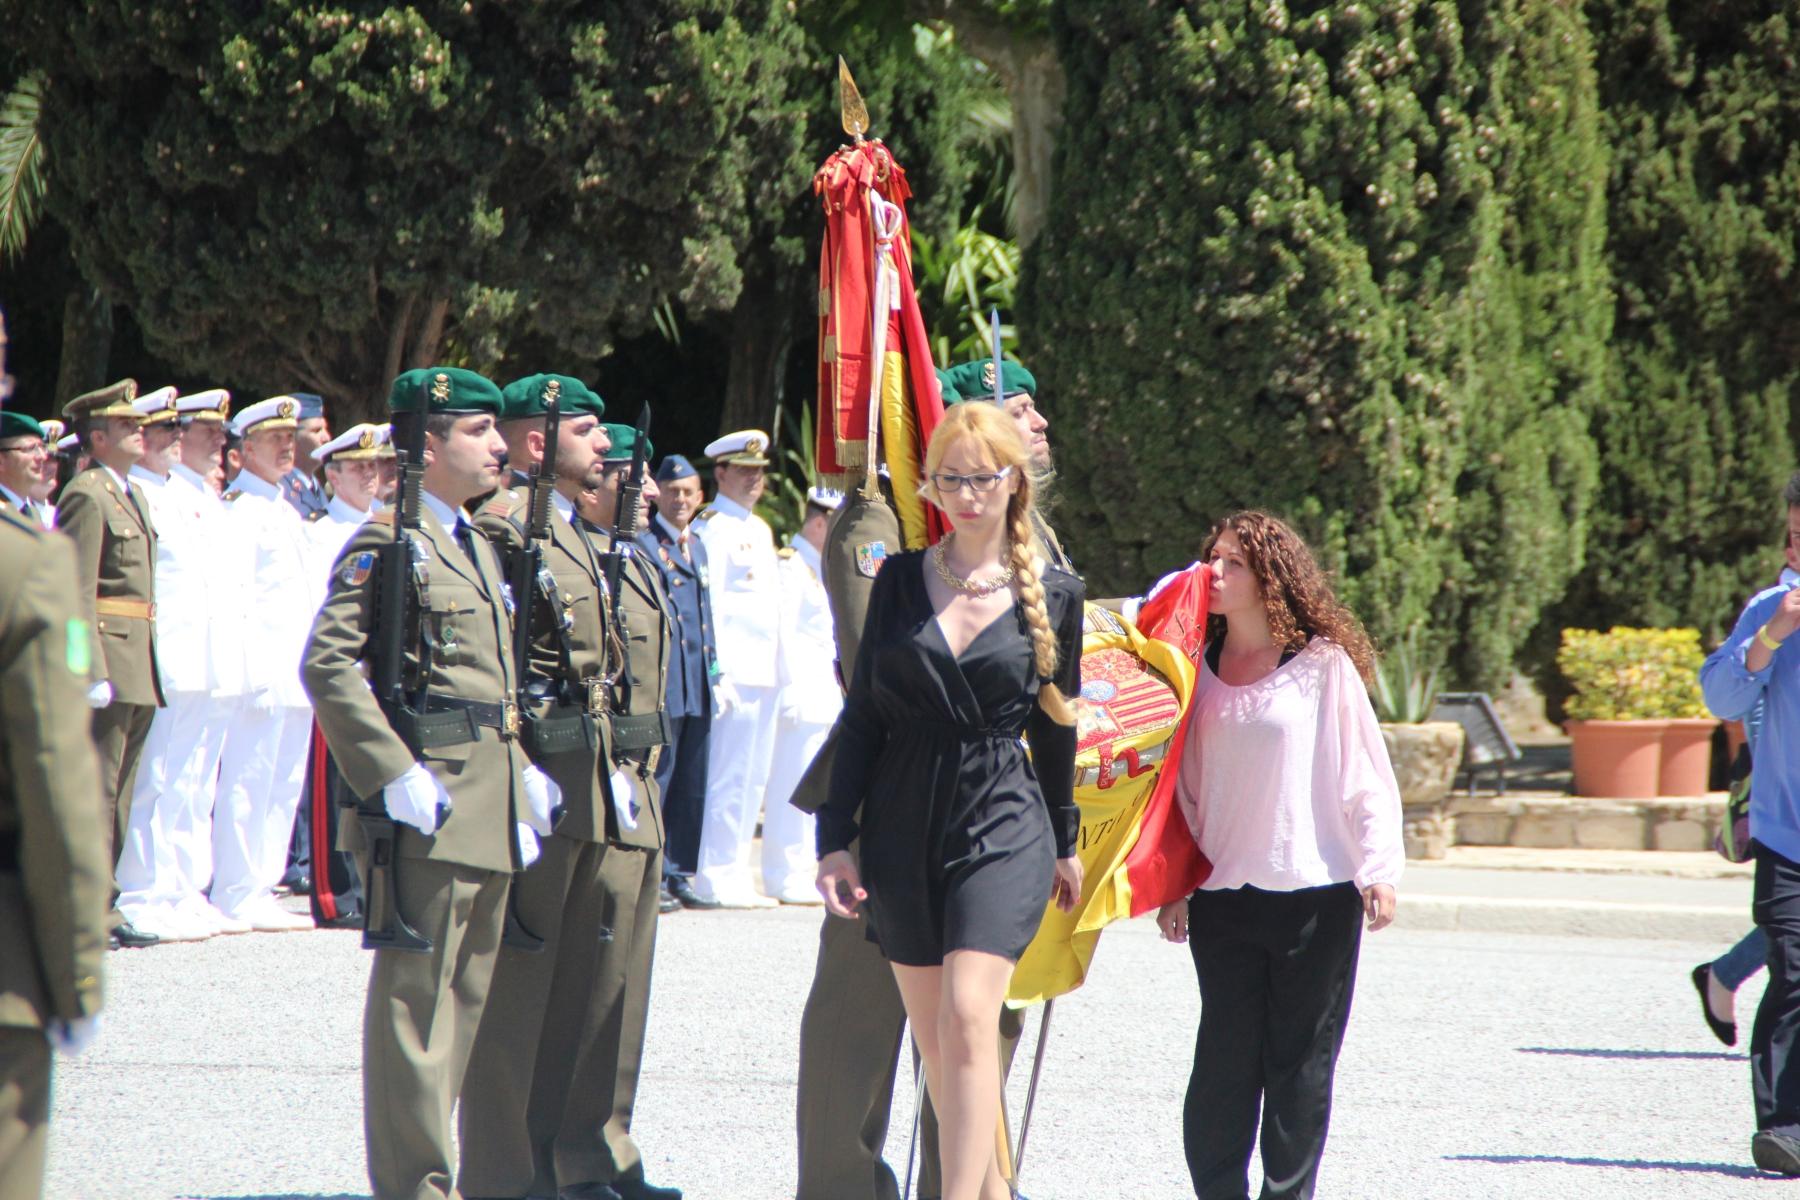 LAS VOCES DEL PUEBLO. juramento de bandera española